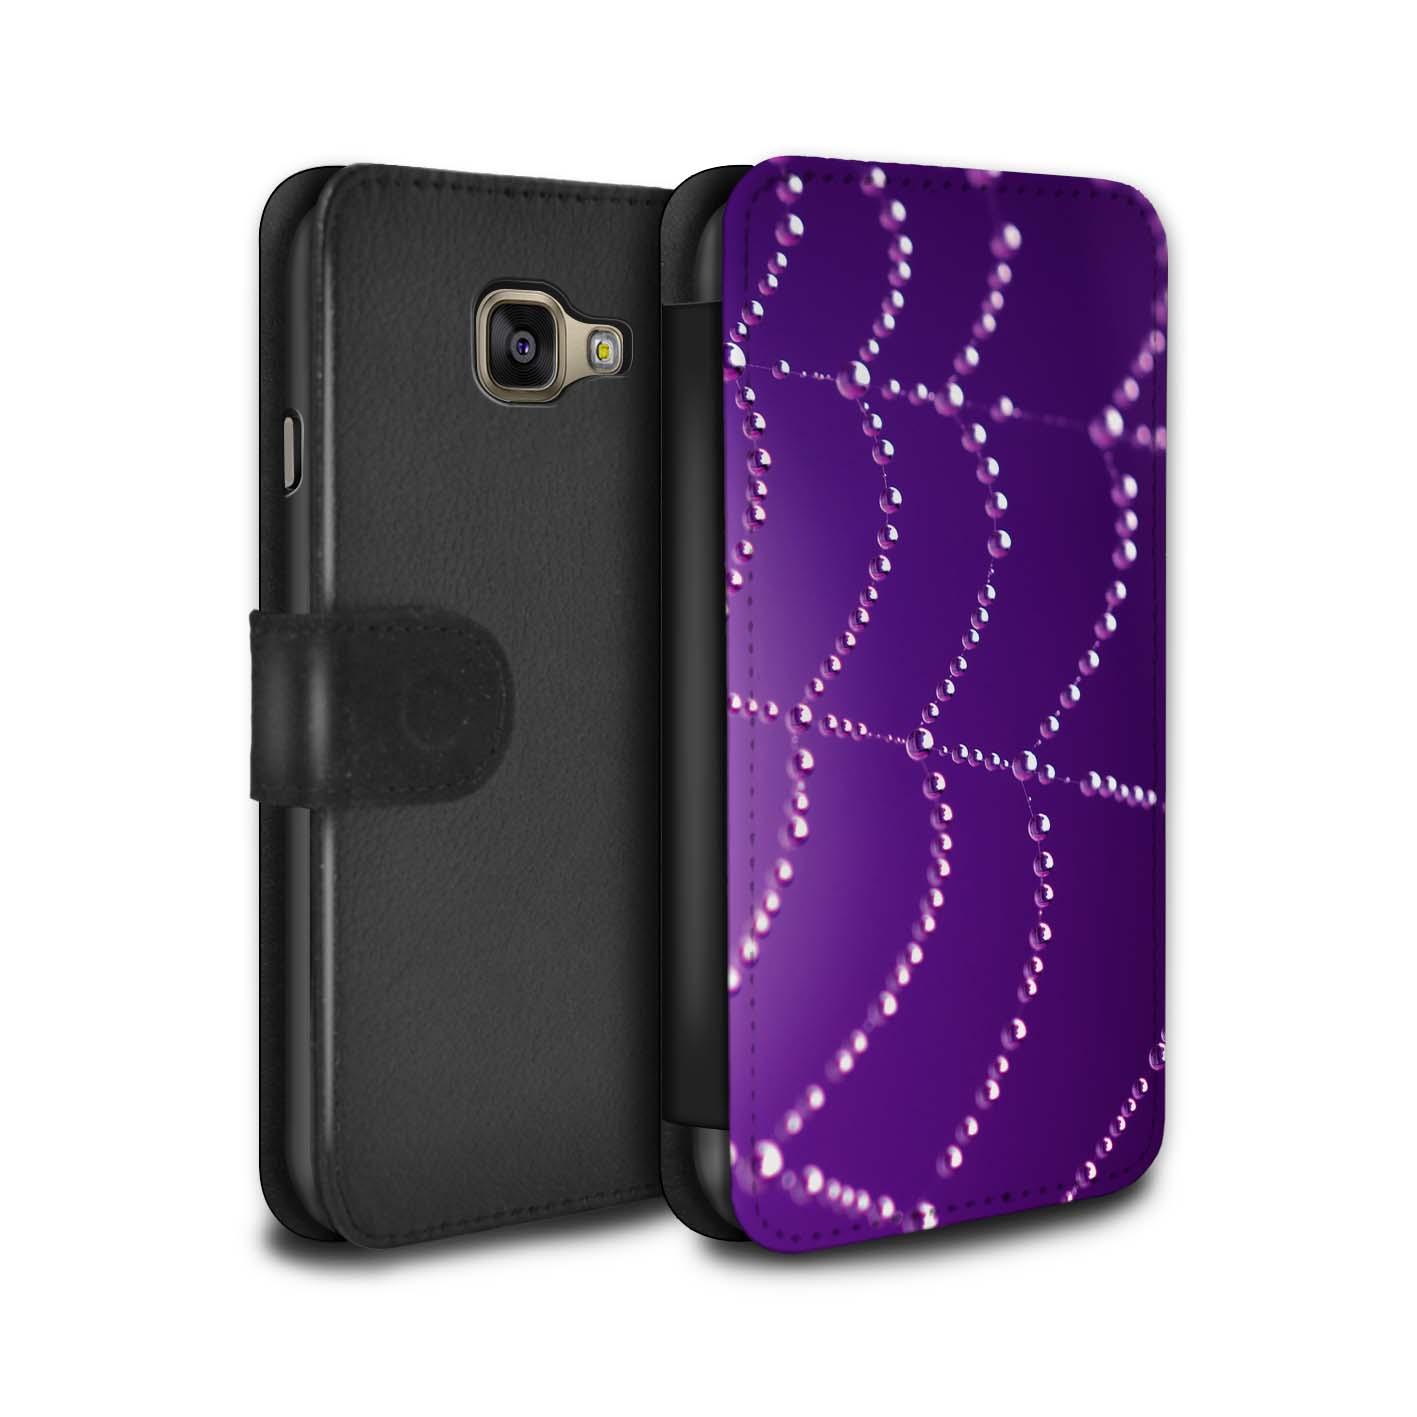 Coque-Etui-Case-Cuir-PU-pour-Samsung-Galaxy-A3-2016-Toile-d-039-araignee-Perles